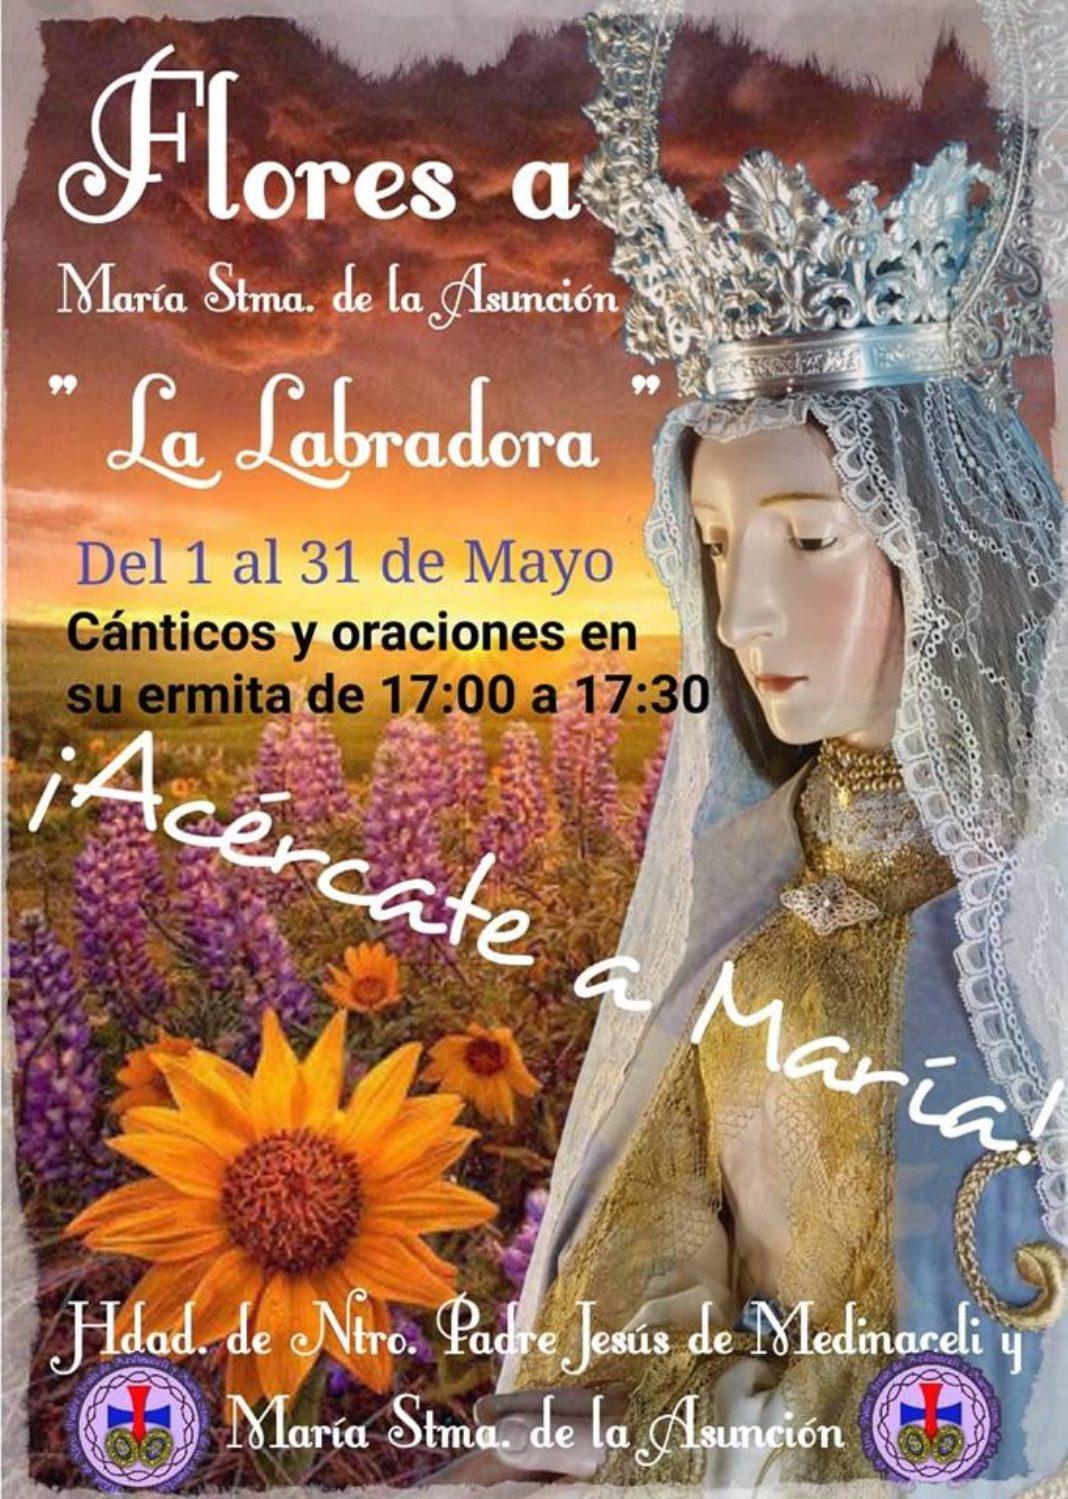 Flores a la LAbradora durante el mes de mayo 1068x1499 - La hermandad de Jesús de Medinaceli y la Virgen de la Asunción recupera la tradición del cántico de las flores durante el mes de mayo